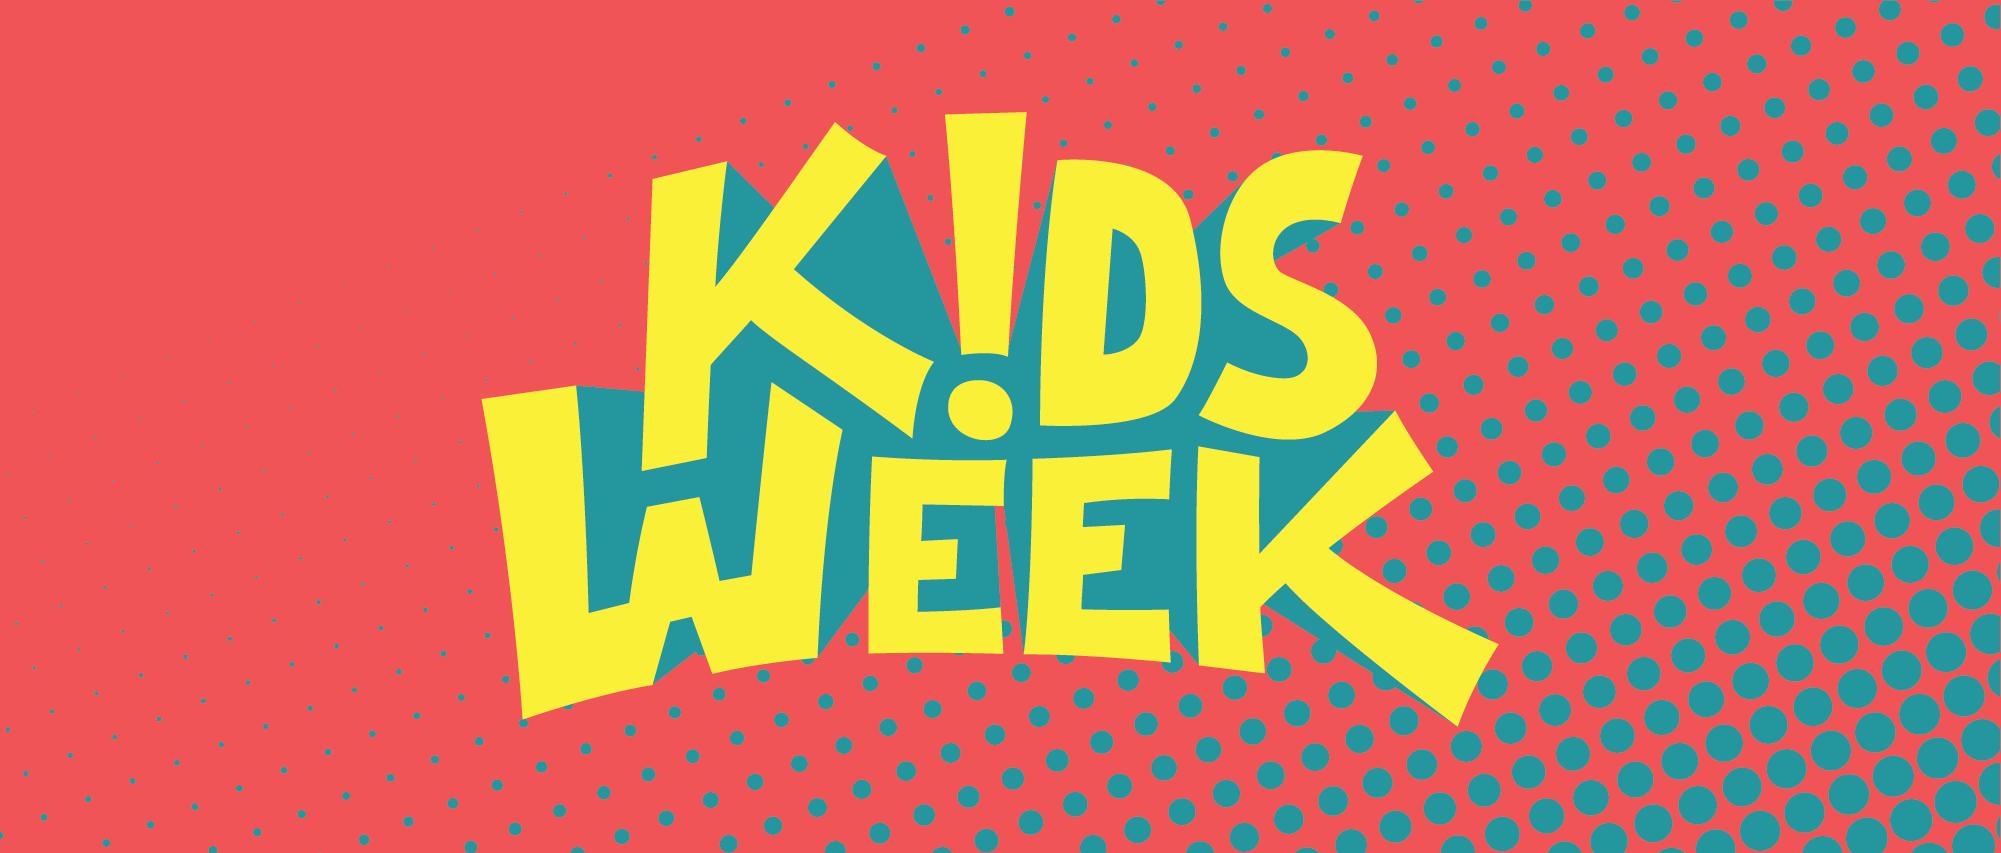 KidsWeekWeb.png